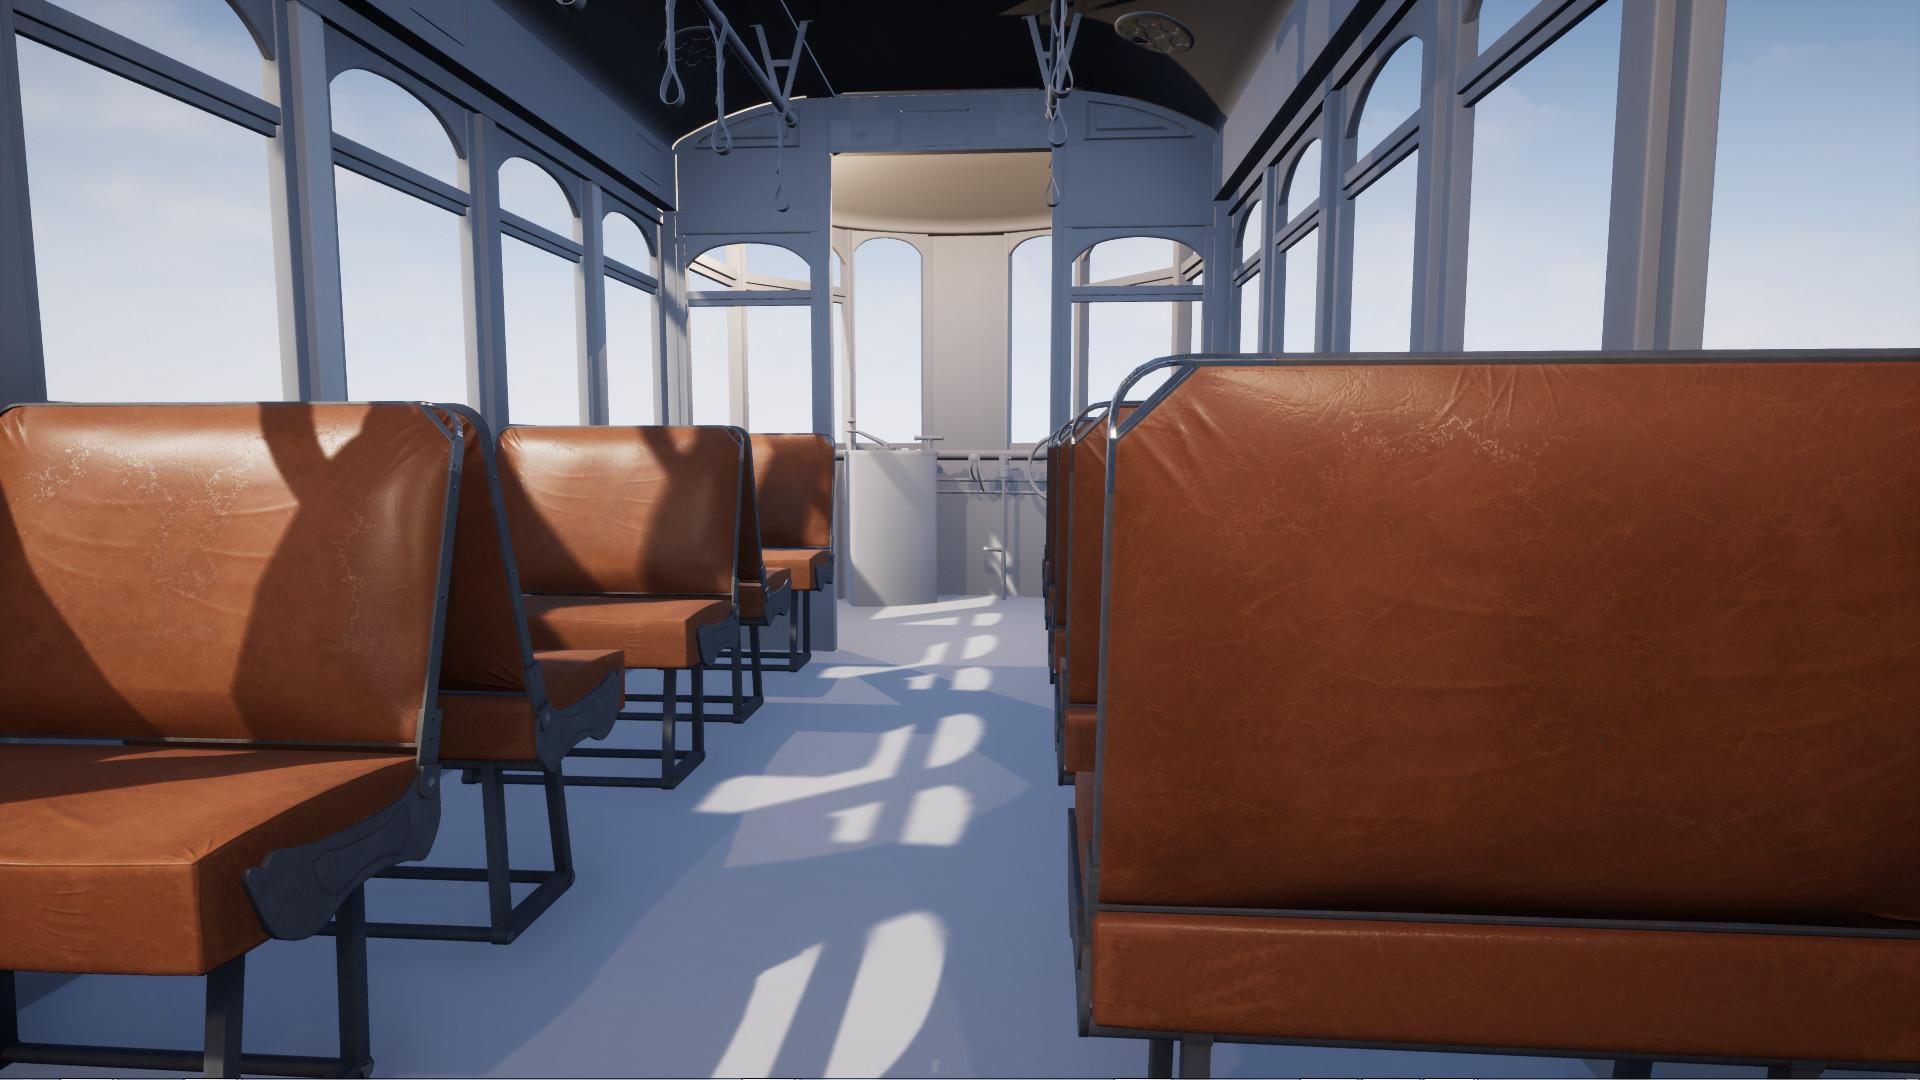 Rick irvine tram1